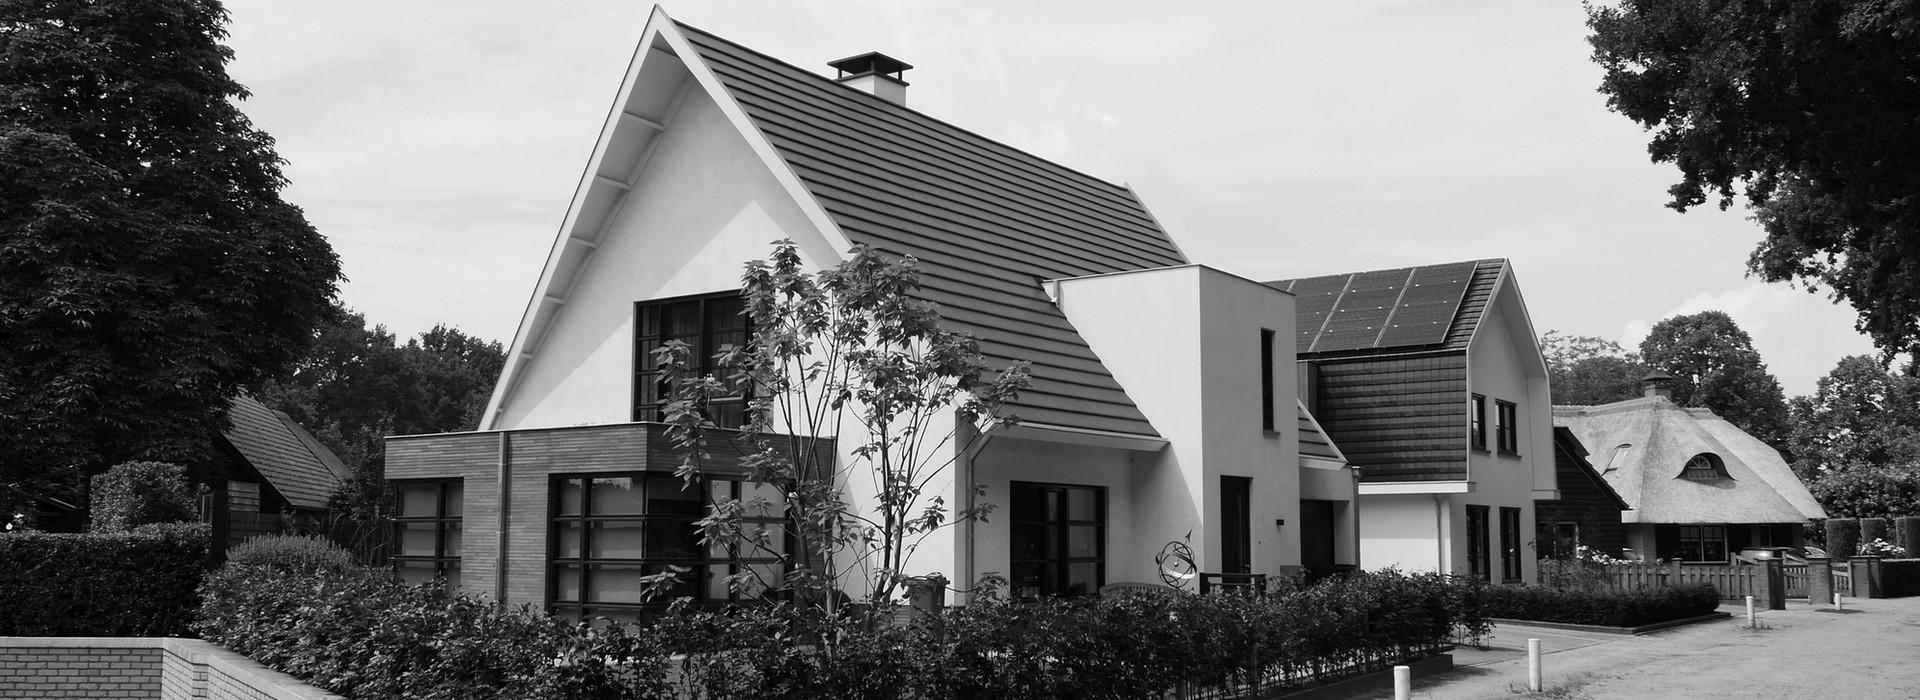 Nieuwbouw riante vrijstaande woning